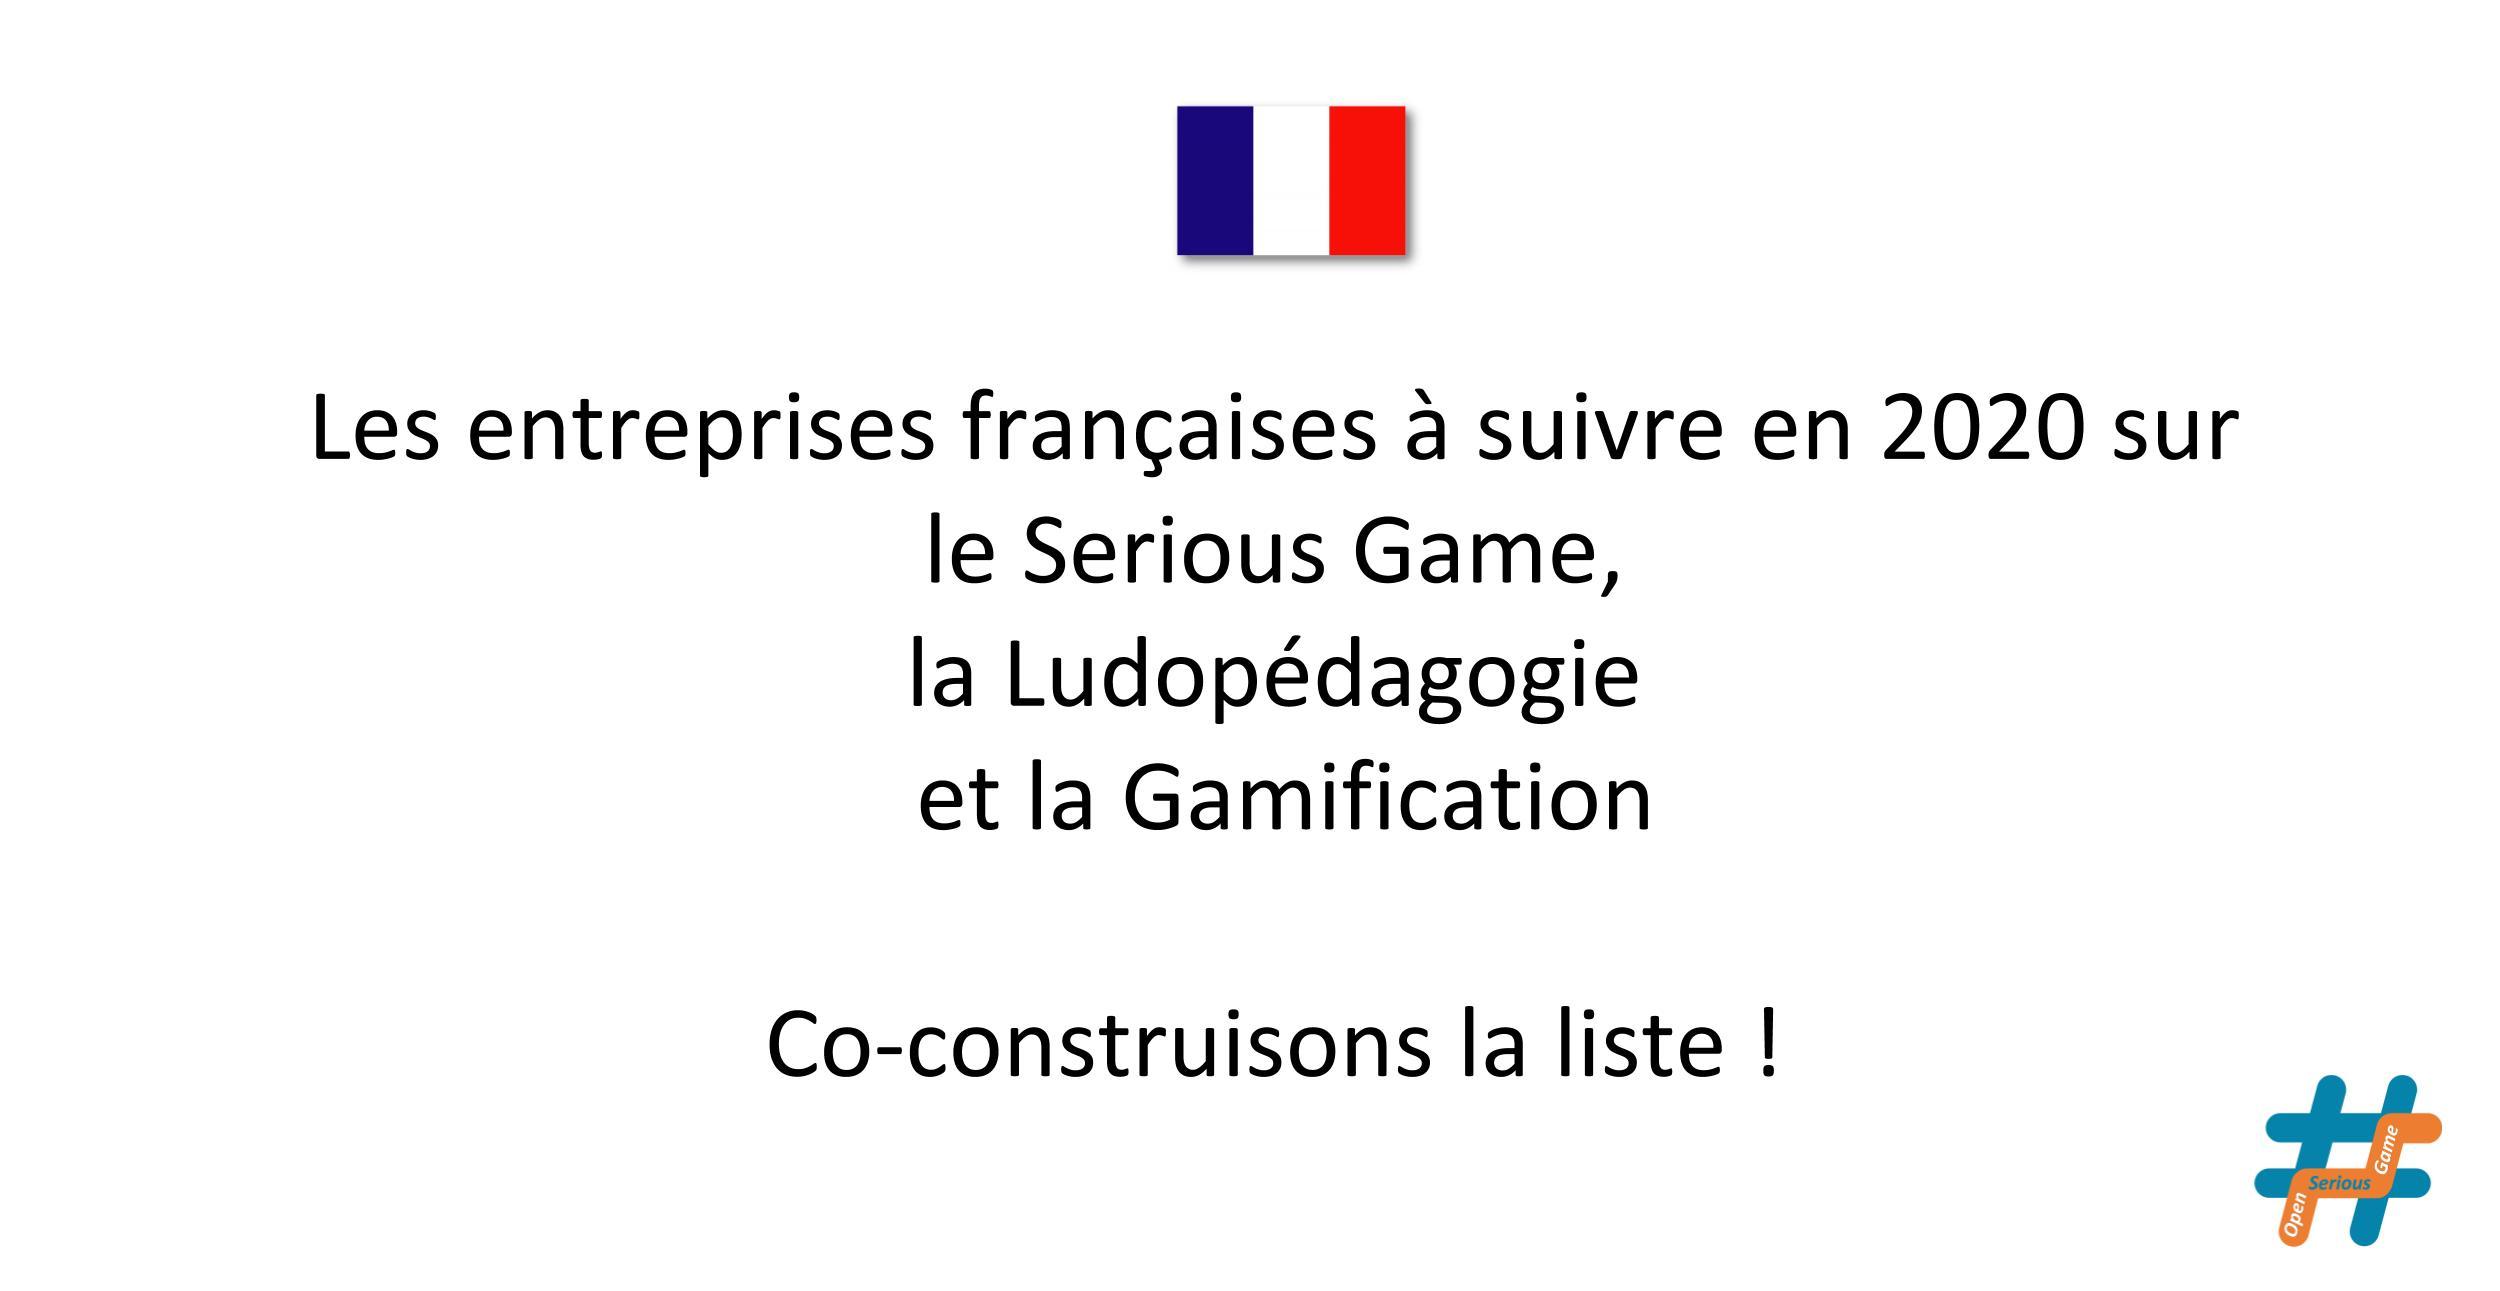 Les entreprises des Serious Games, de la ludopédagogie et de la Gamification en France en 2020 #OpenSeriousHub